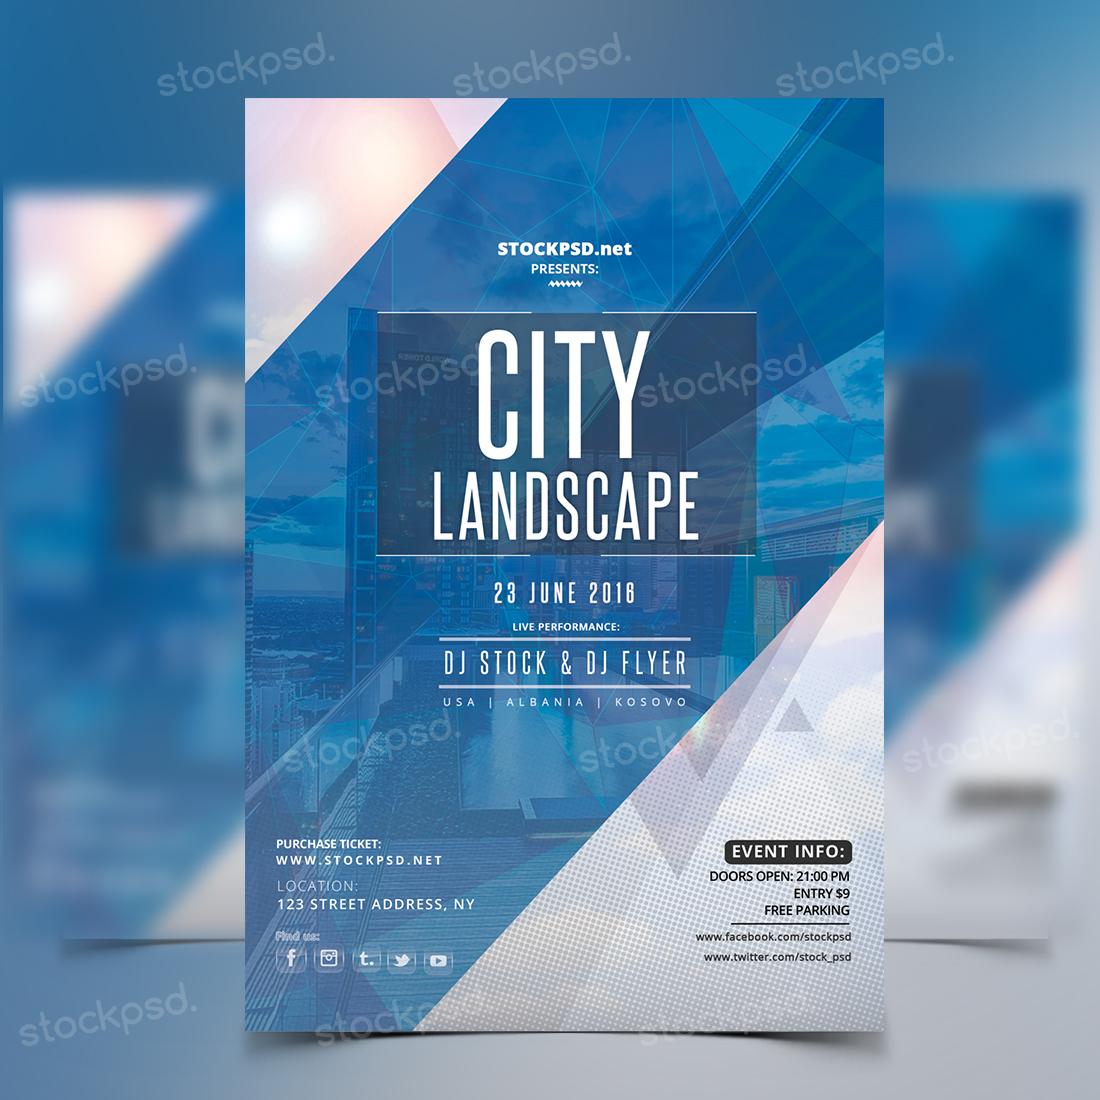 City Landscape – Free Party PSD Flyer